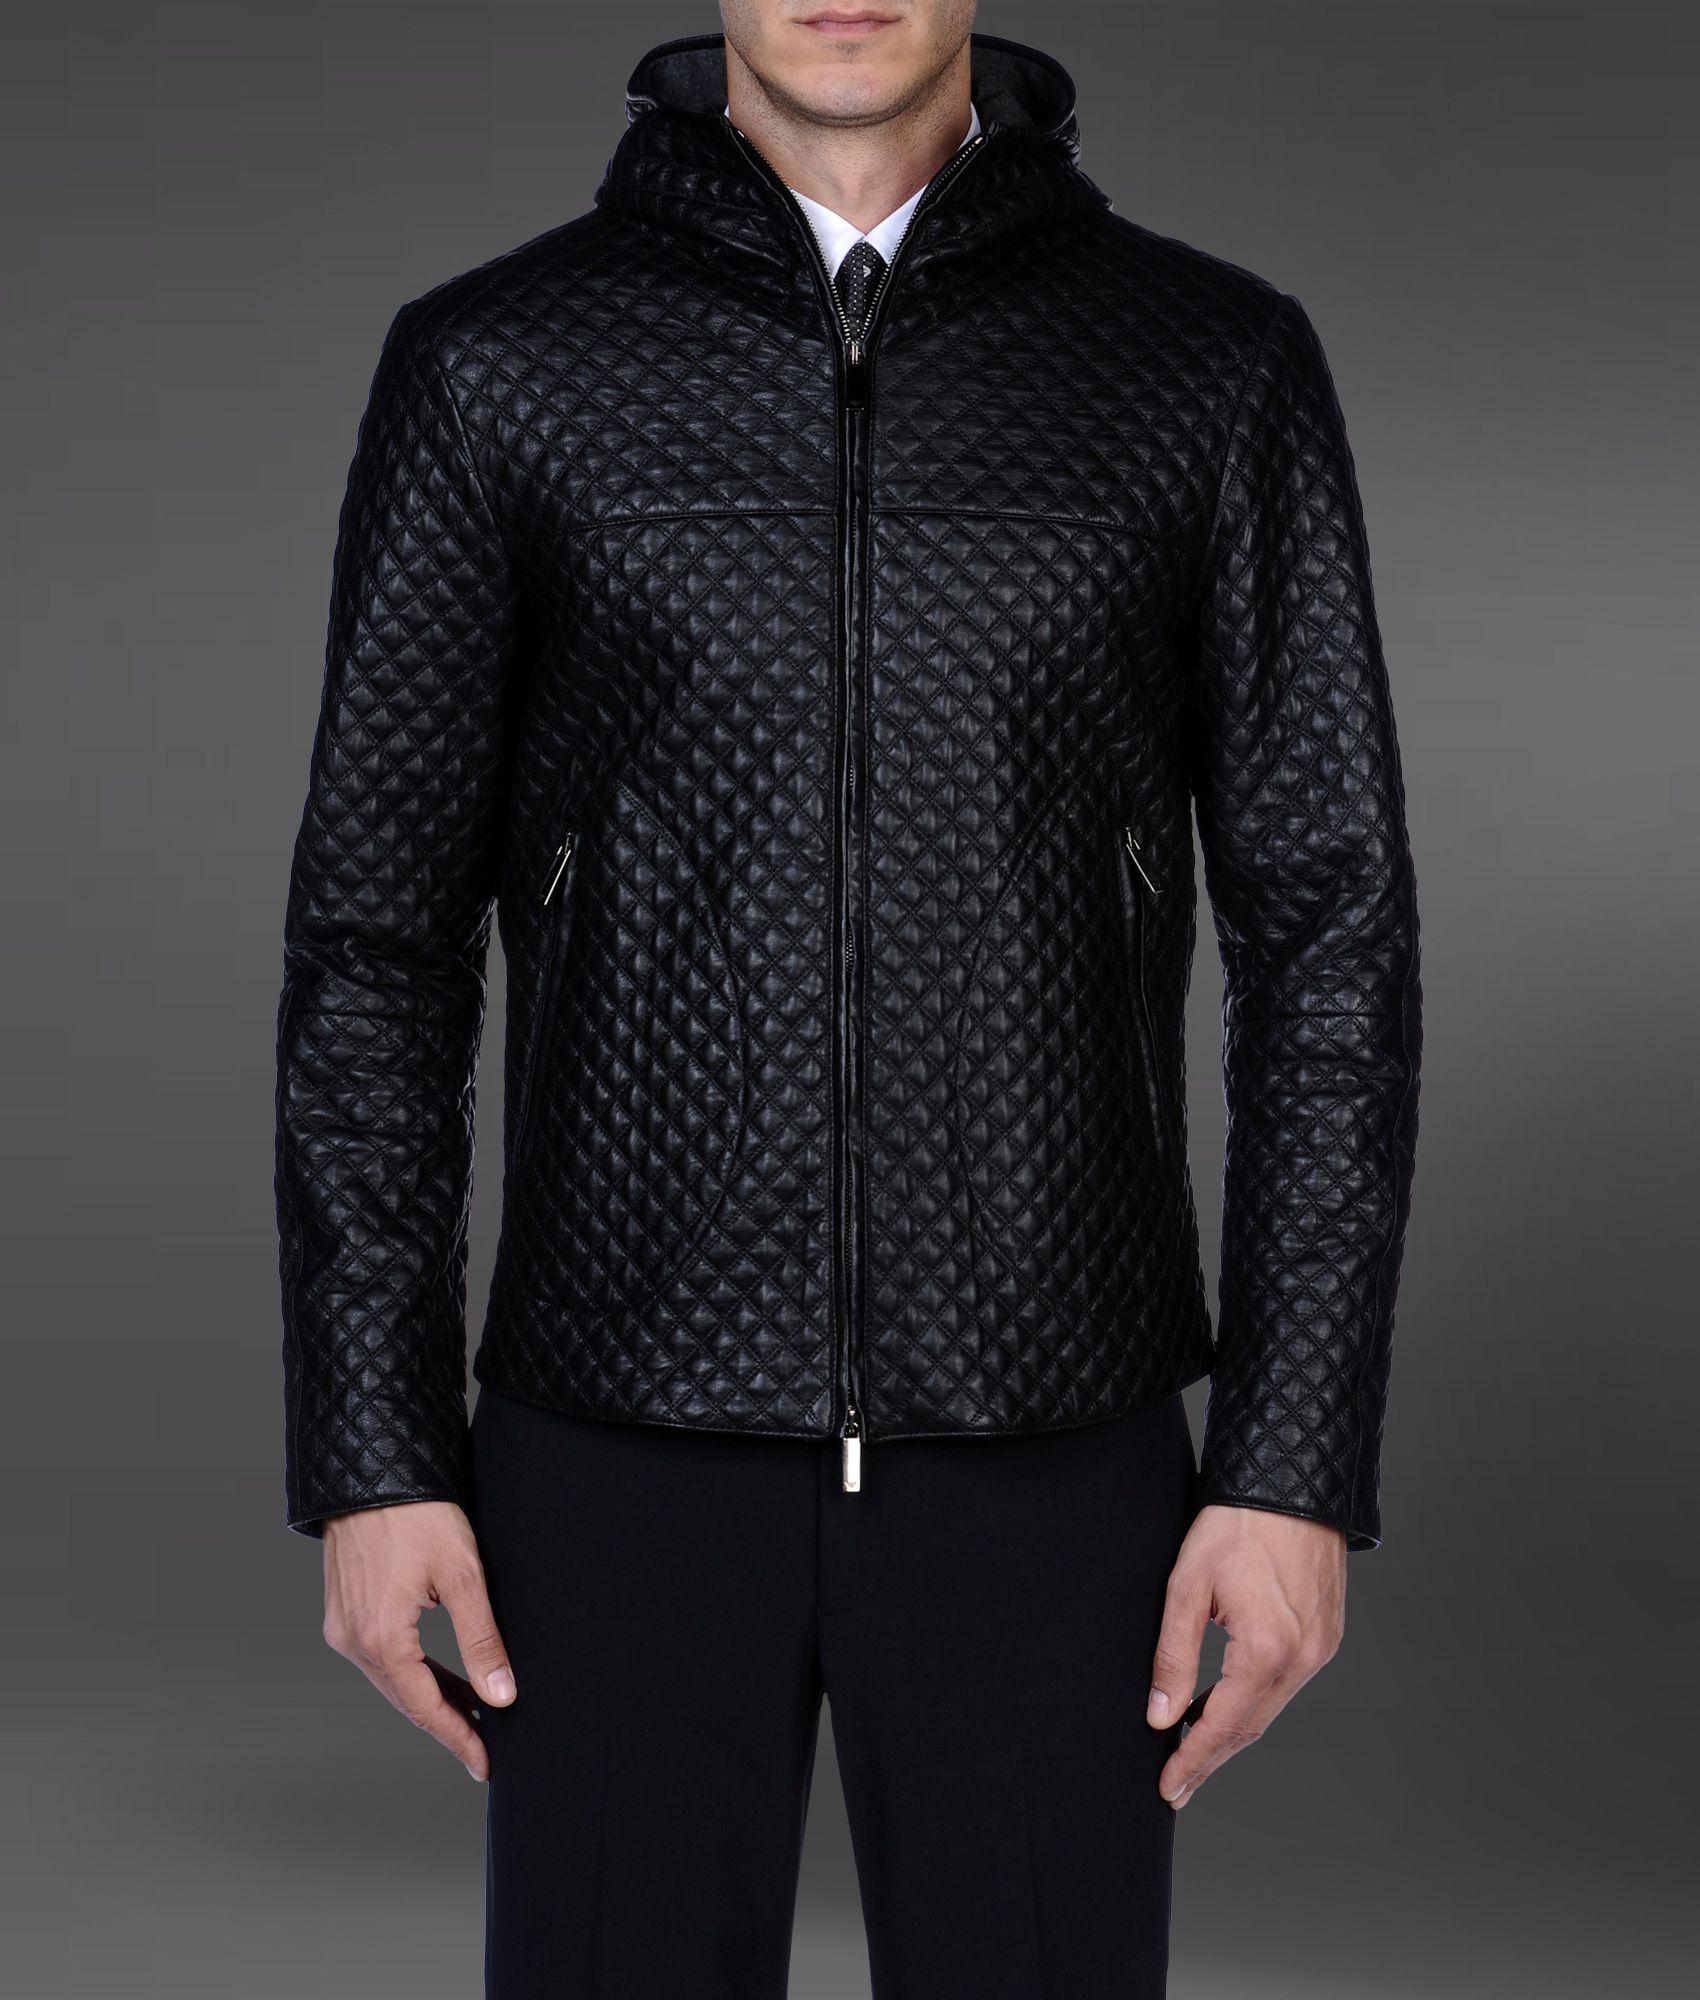 444e10de74c0 Emporio Armani Leather Jacket in Black for Men - Lyst